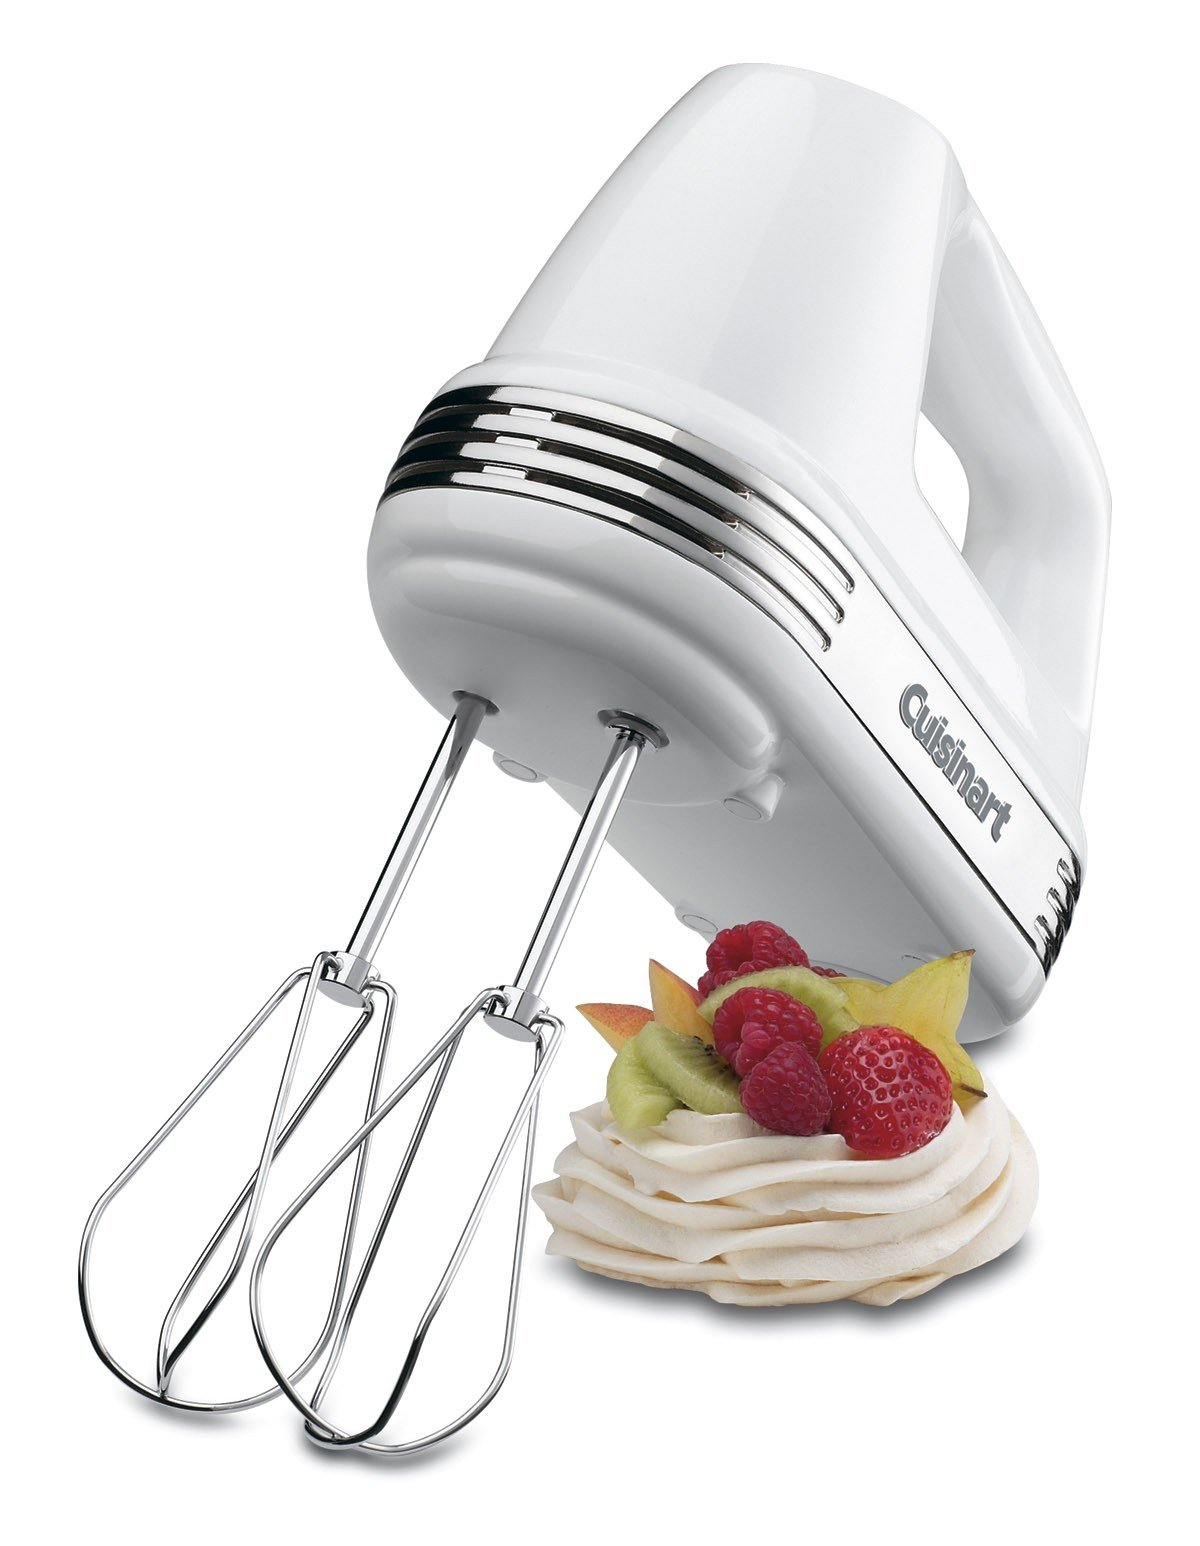 Cuisinart 7 Speed Hand Mixer, HM70 by Cuisinart